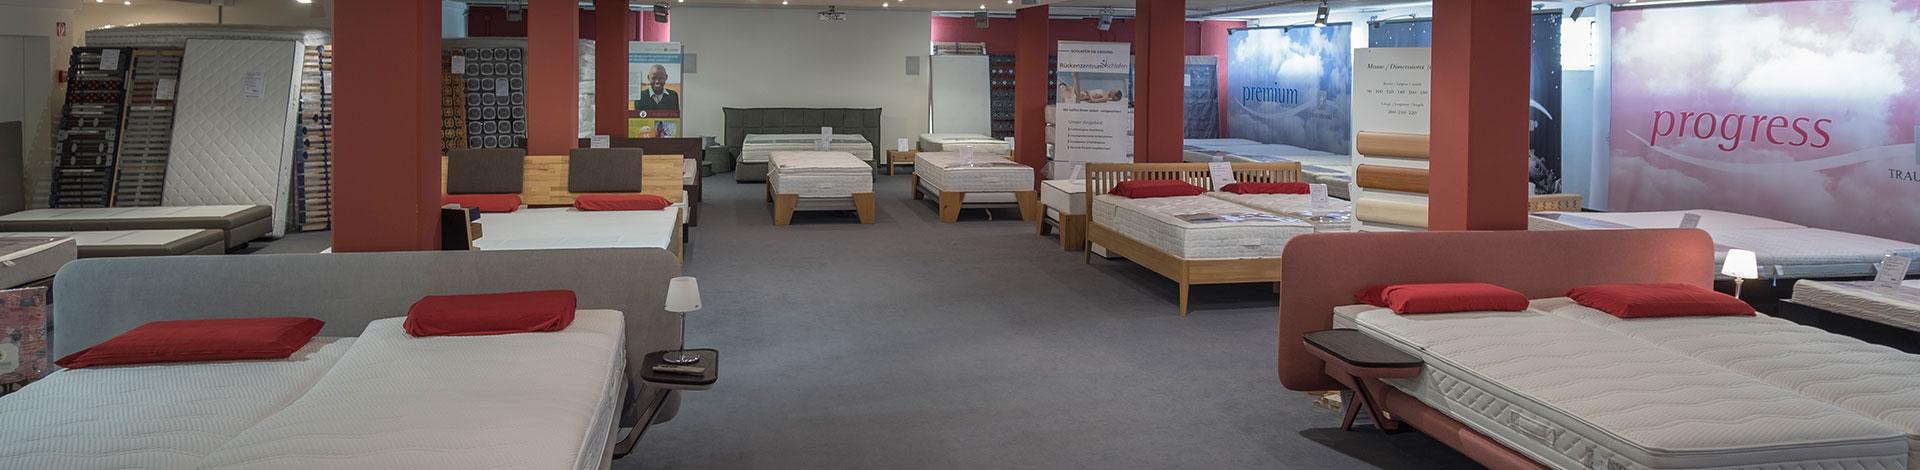 matratzen betten f rstenberger ihr fachgesch ft f r heidelberg. Black Bedroom Furniture Sets. Home Design Ideas